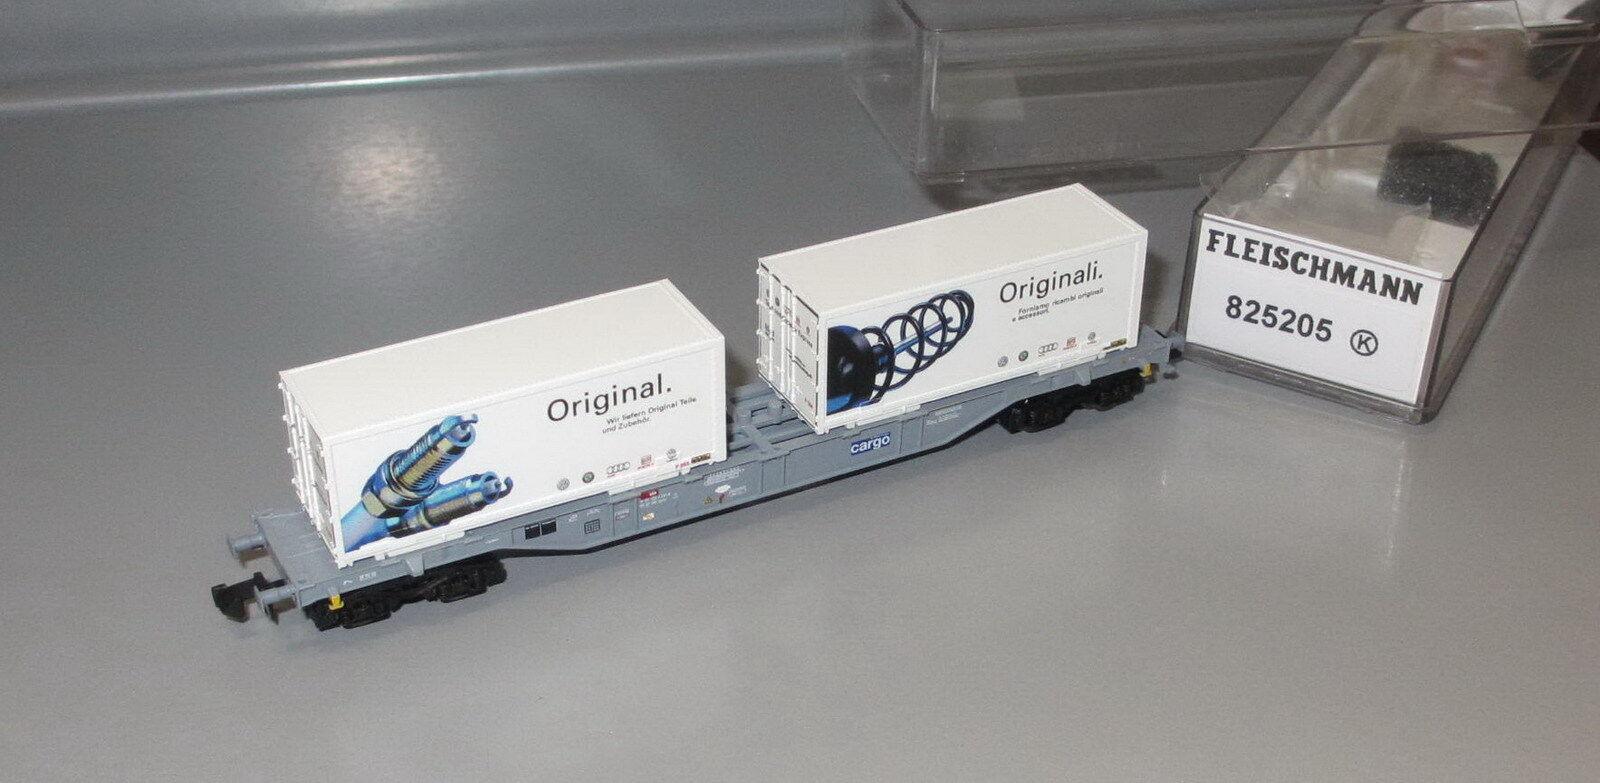 Fleischmann N 825205 _ _ _ Containertragwagen  AMAG , SBB _ Epoche VI_ N384  | München  a351fe